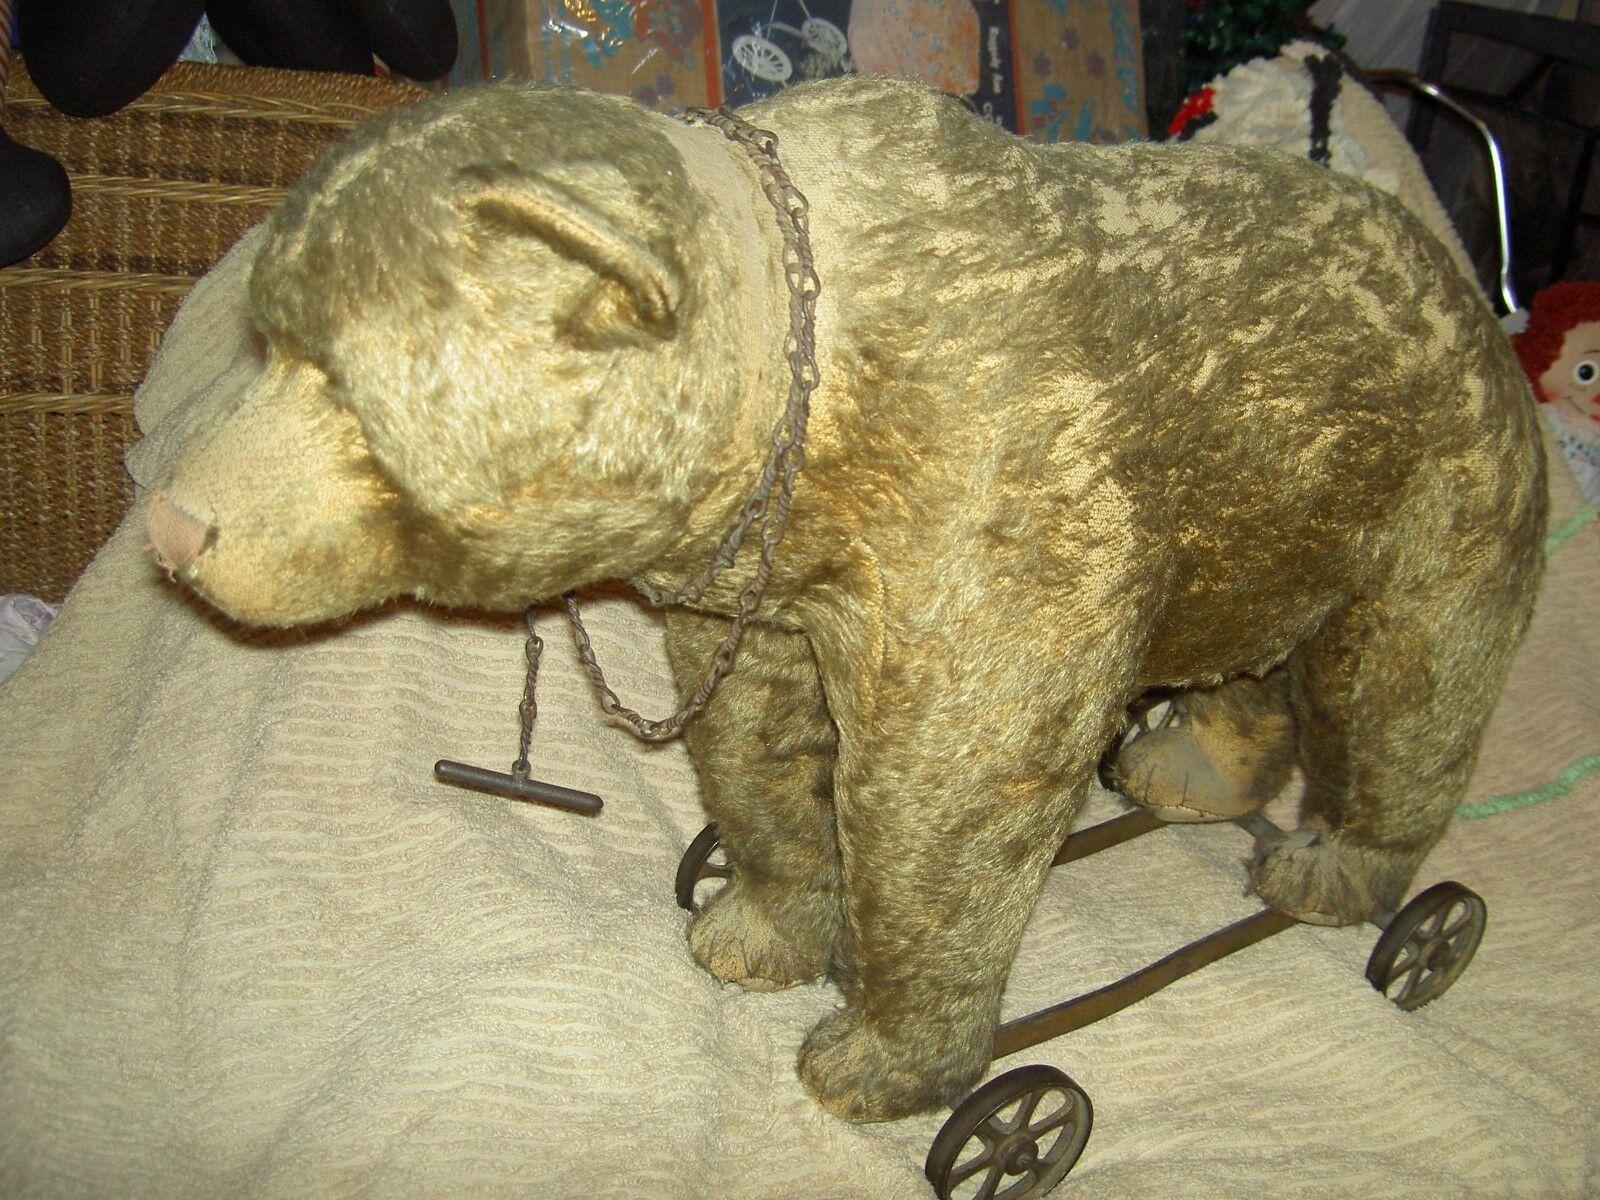 Great early antique Steiff oroen BEAR on wheels, working growler & pullstring